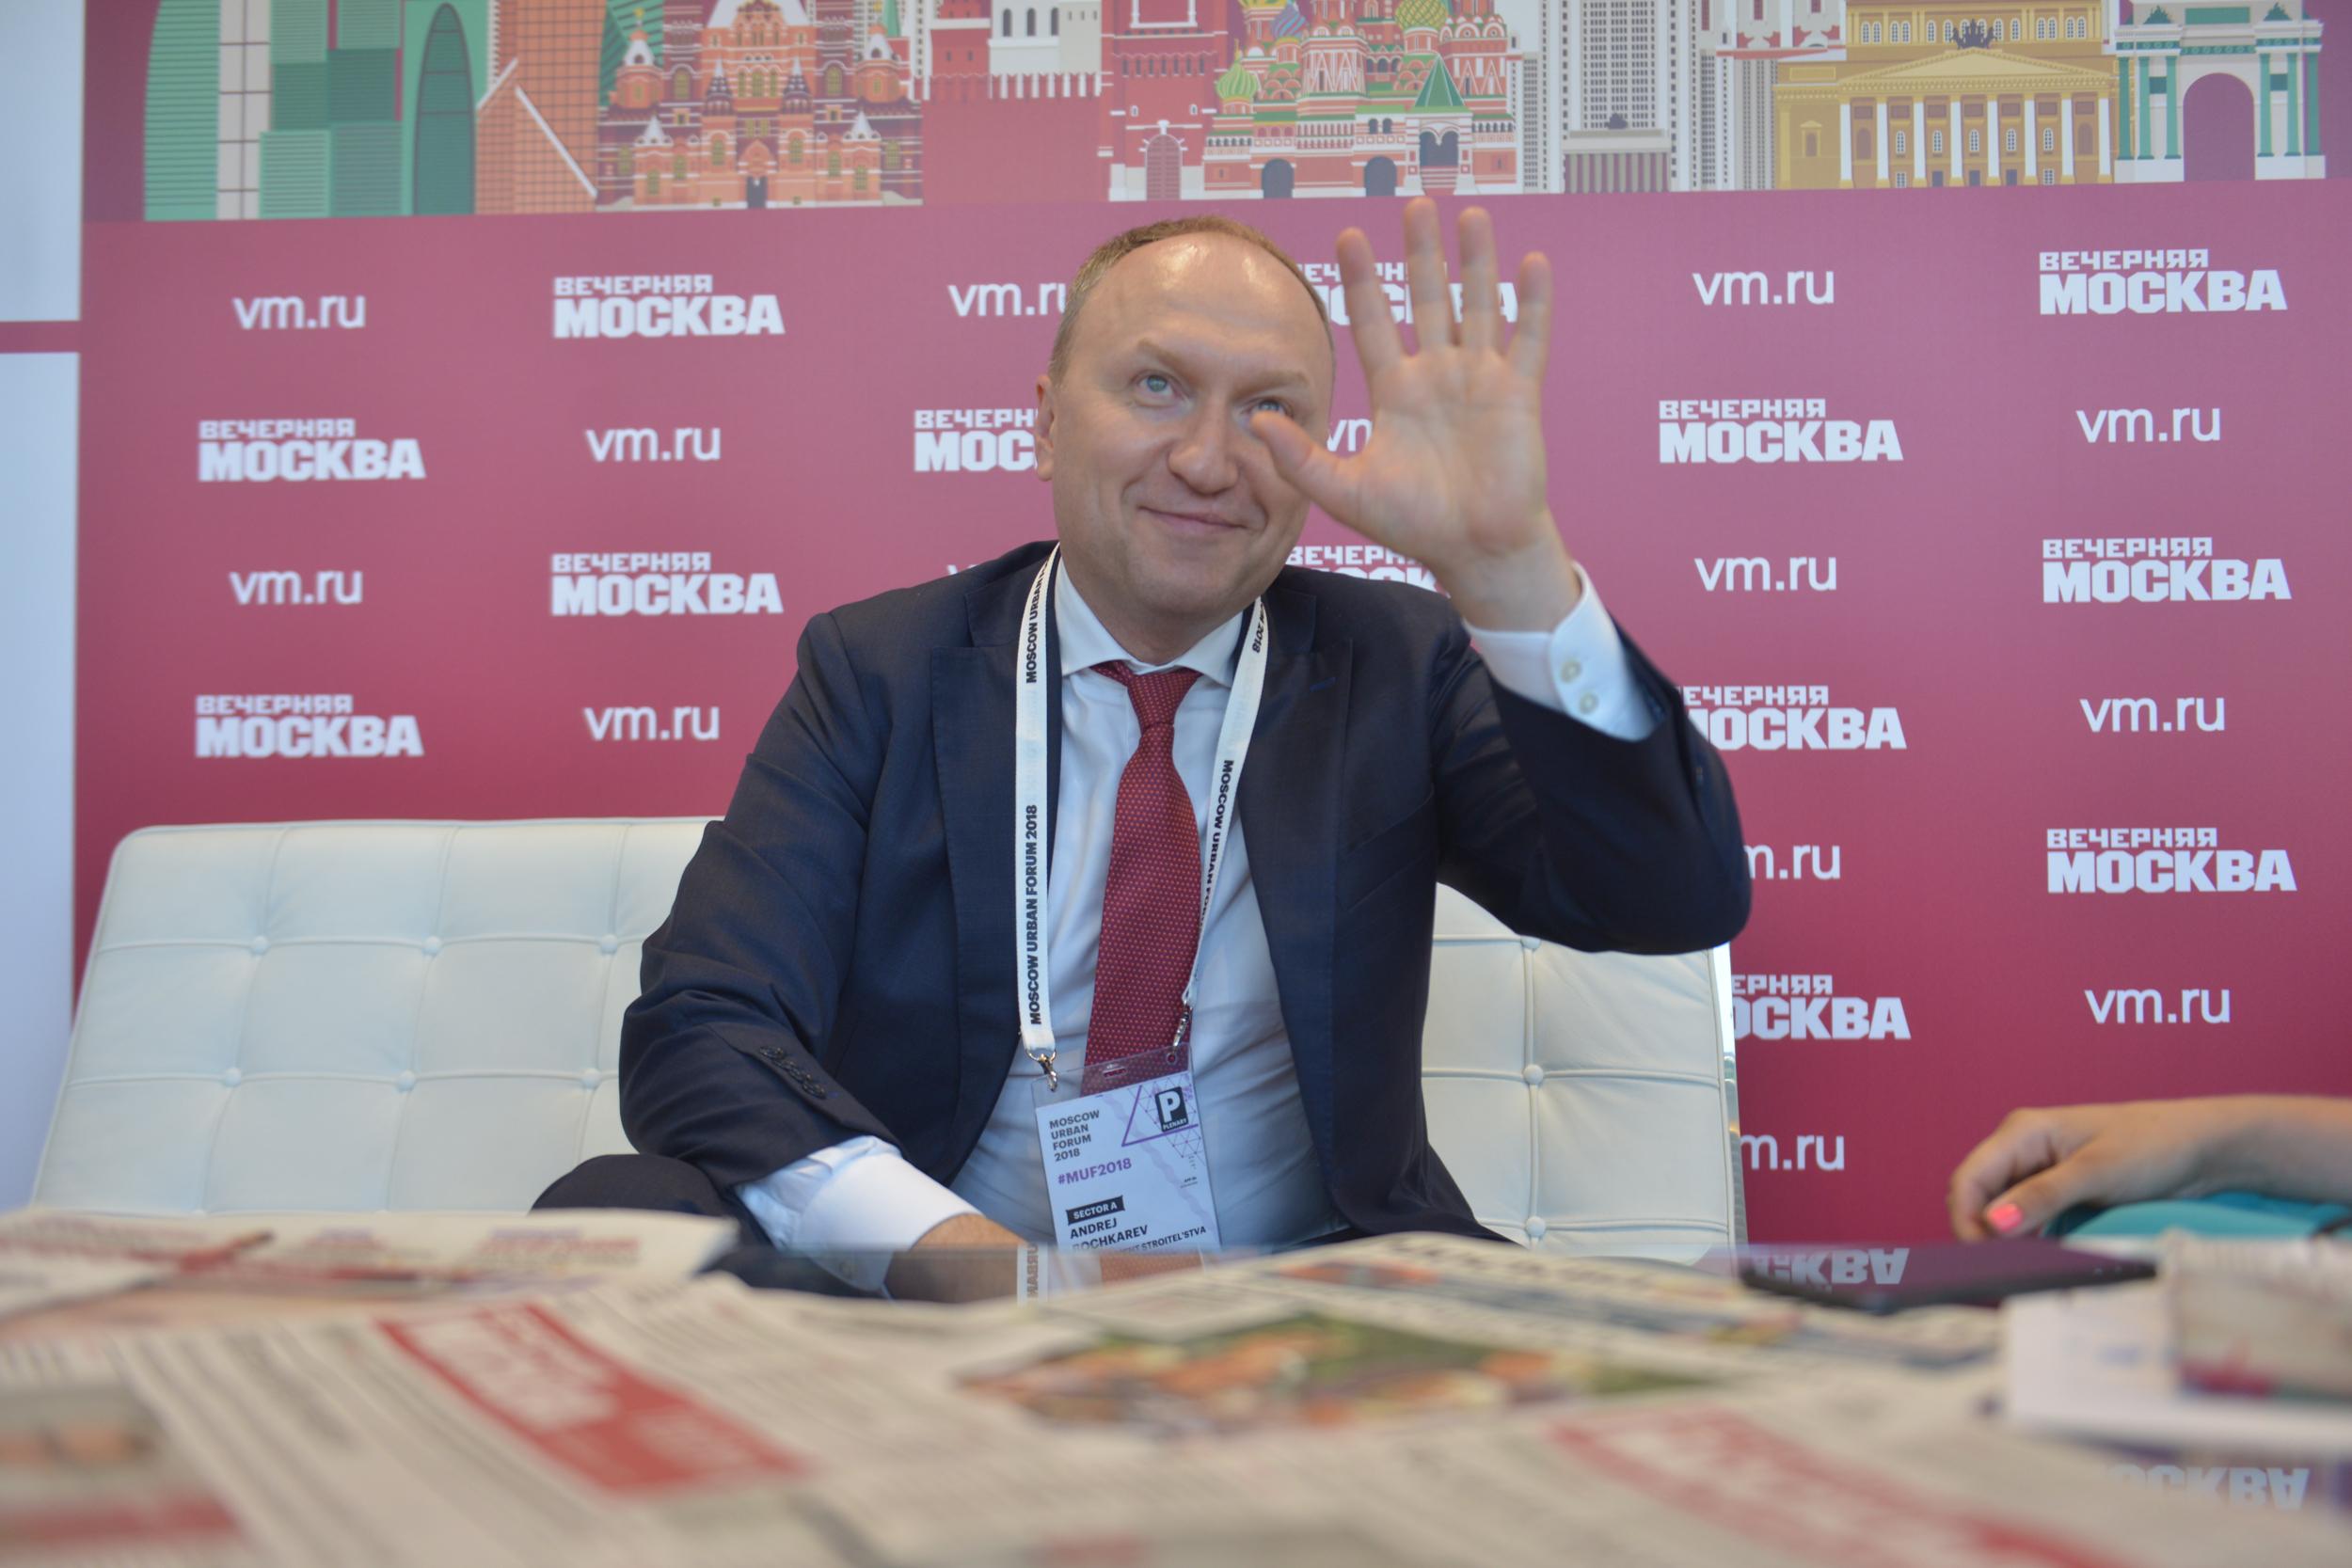 Андрей Бочкарев: Москва заслуженно остается лидером по качеству инвестклимата среди регионов